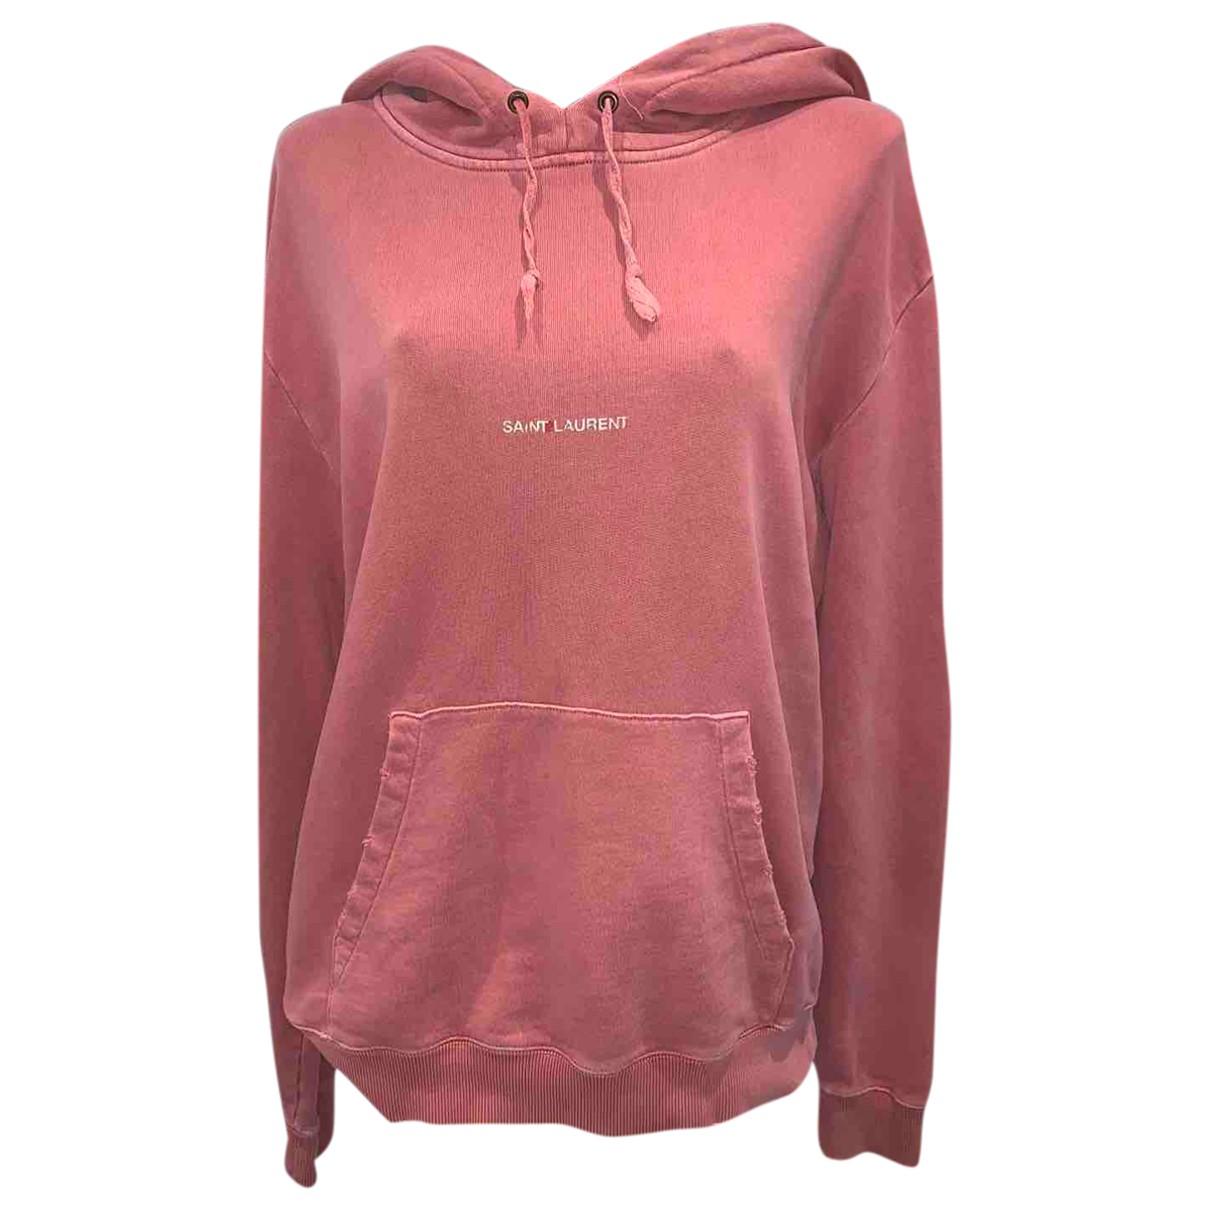 Saint Laurent - Pull   pour femme en coton - rose